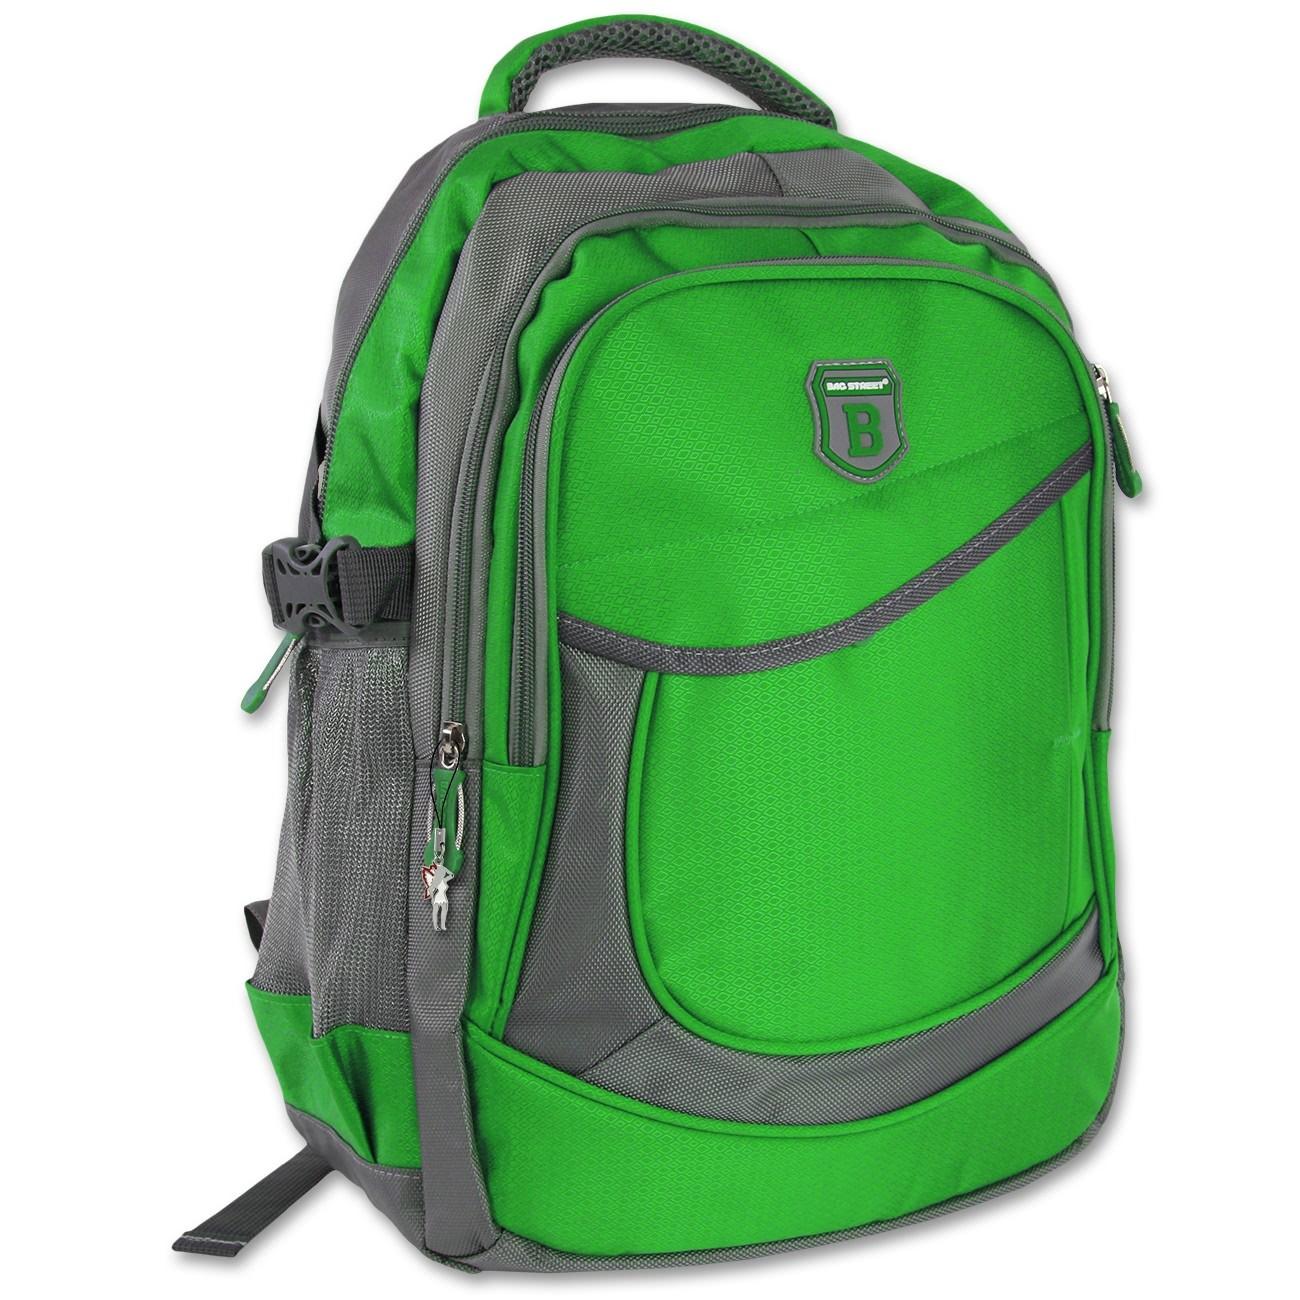 Rucksack Synthetik grün Sportlicher Freizeitrucksack Bag Street OTJ612G